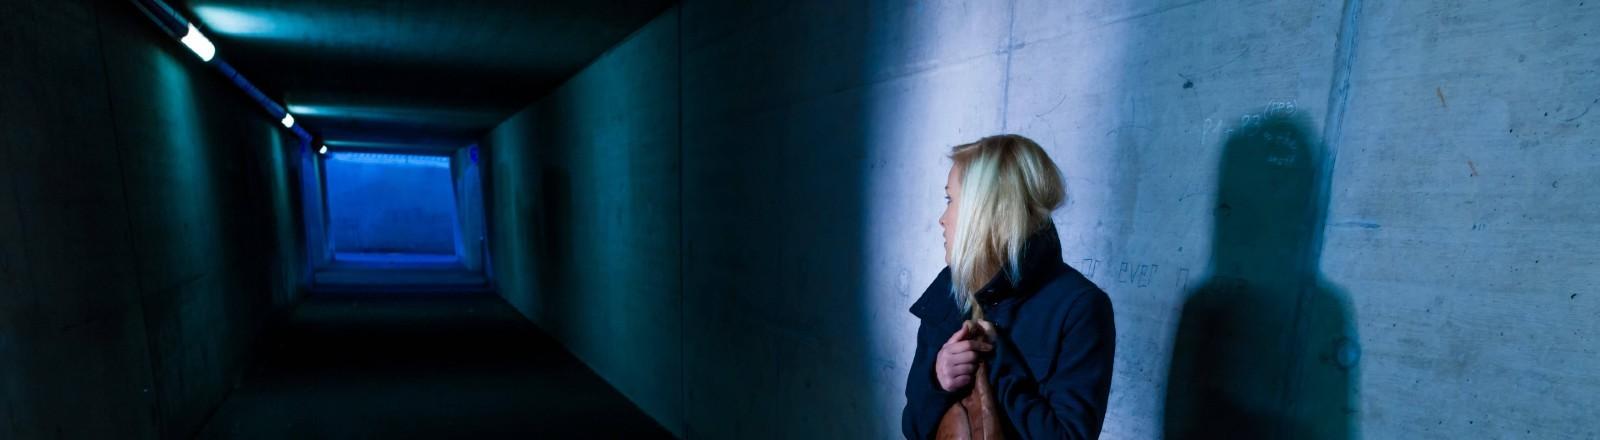 Junge Frau nachts alleine in einer dunklen Unterführung.